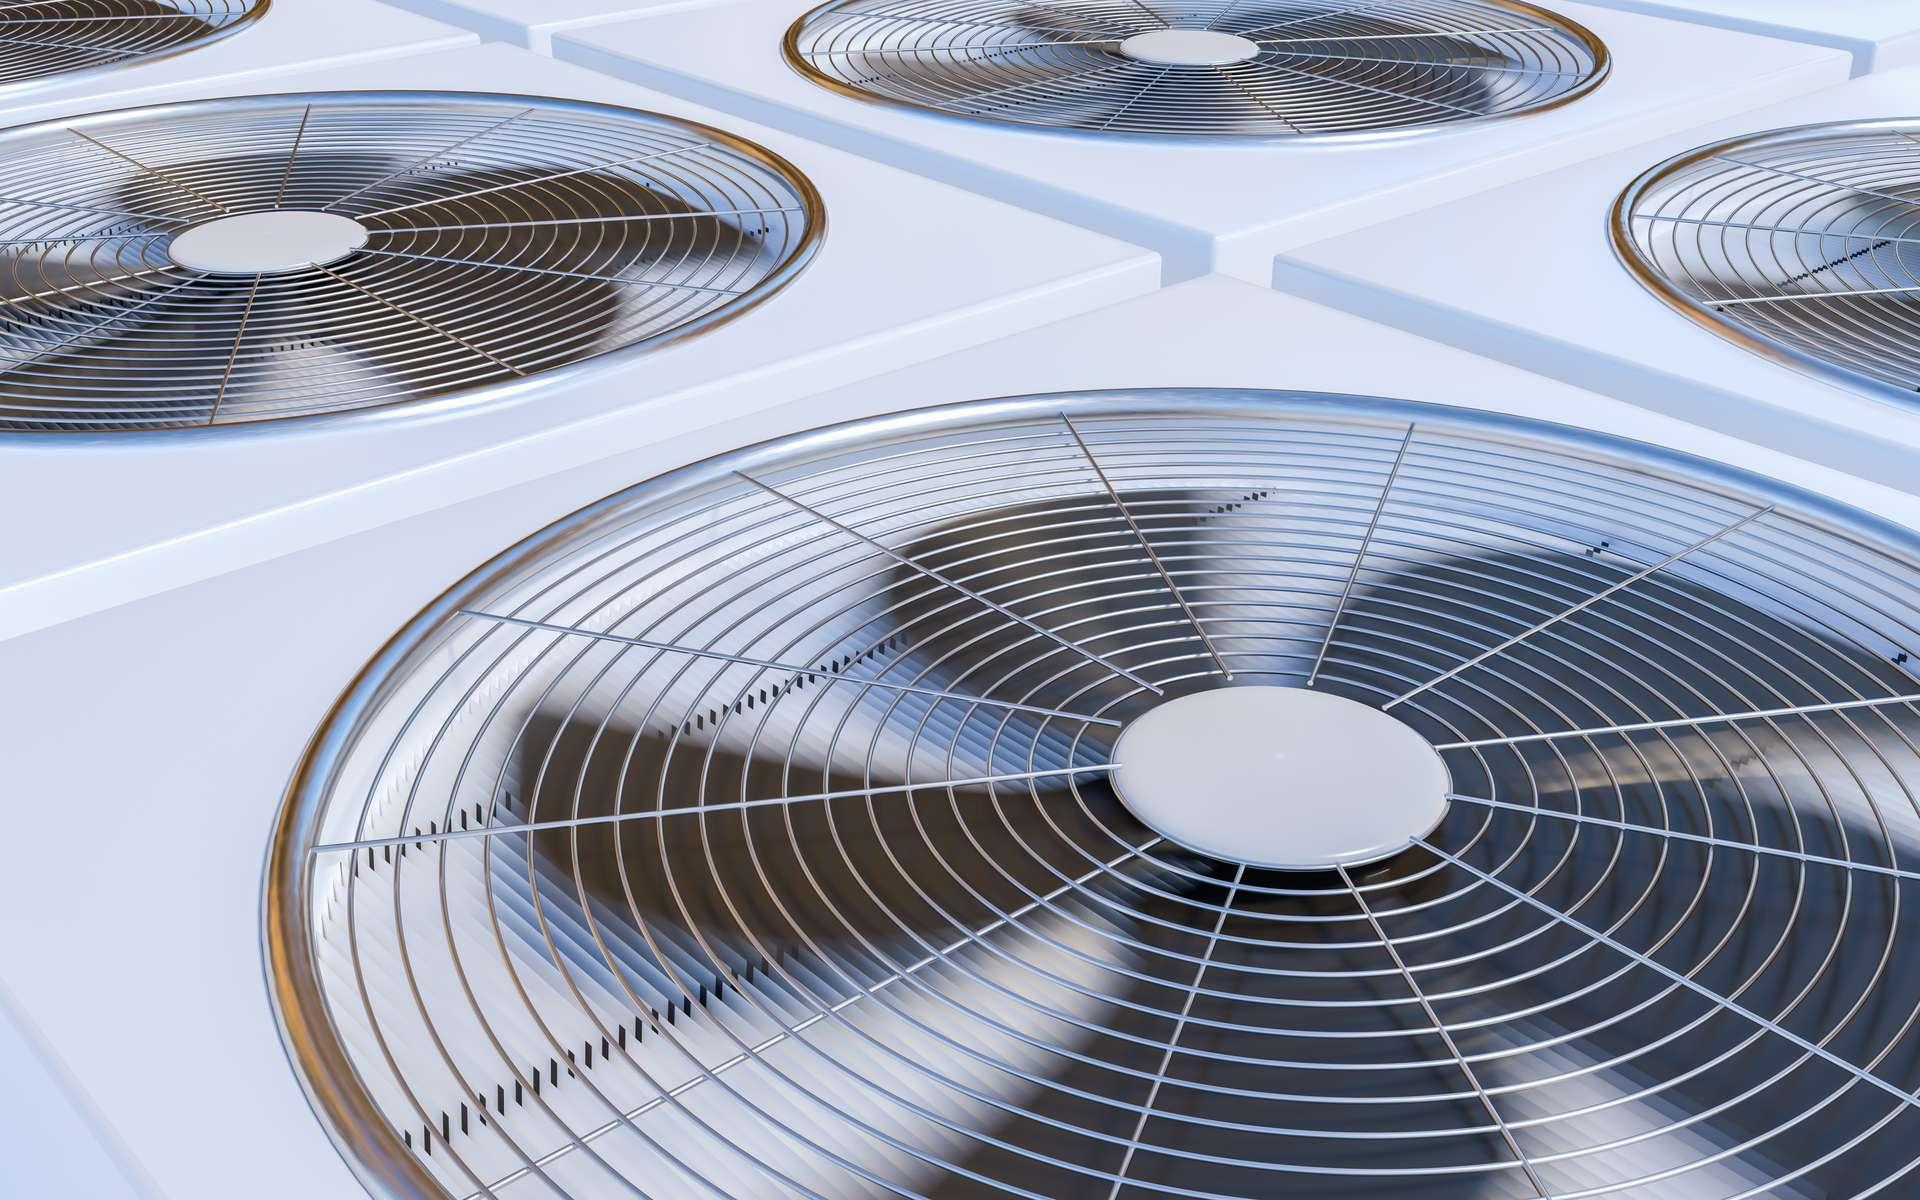 Inventé par W.H. Carrier en 1902, le principe de l'air conditionné a donné naissance à la climatisation telle que nous la connaissons aujourd'hui. © vchalup, Adobe Stock